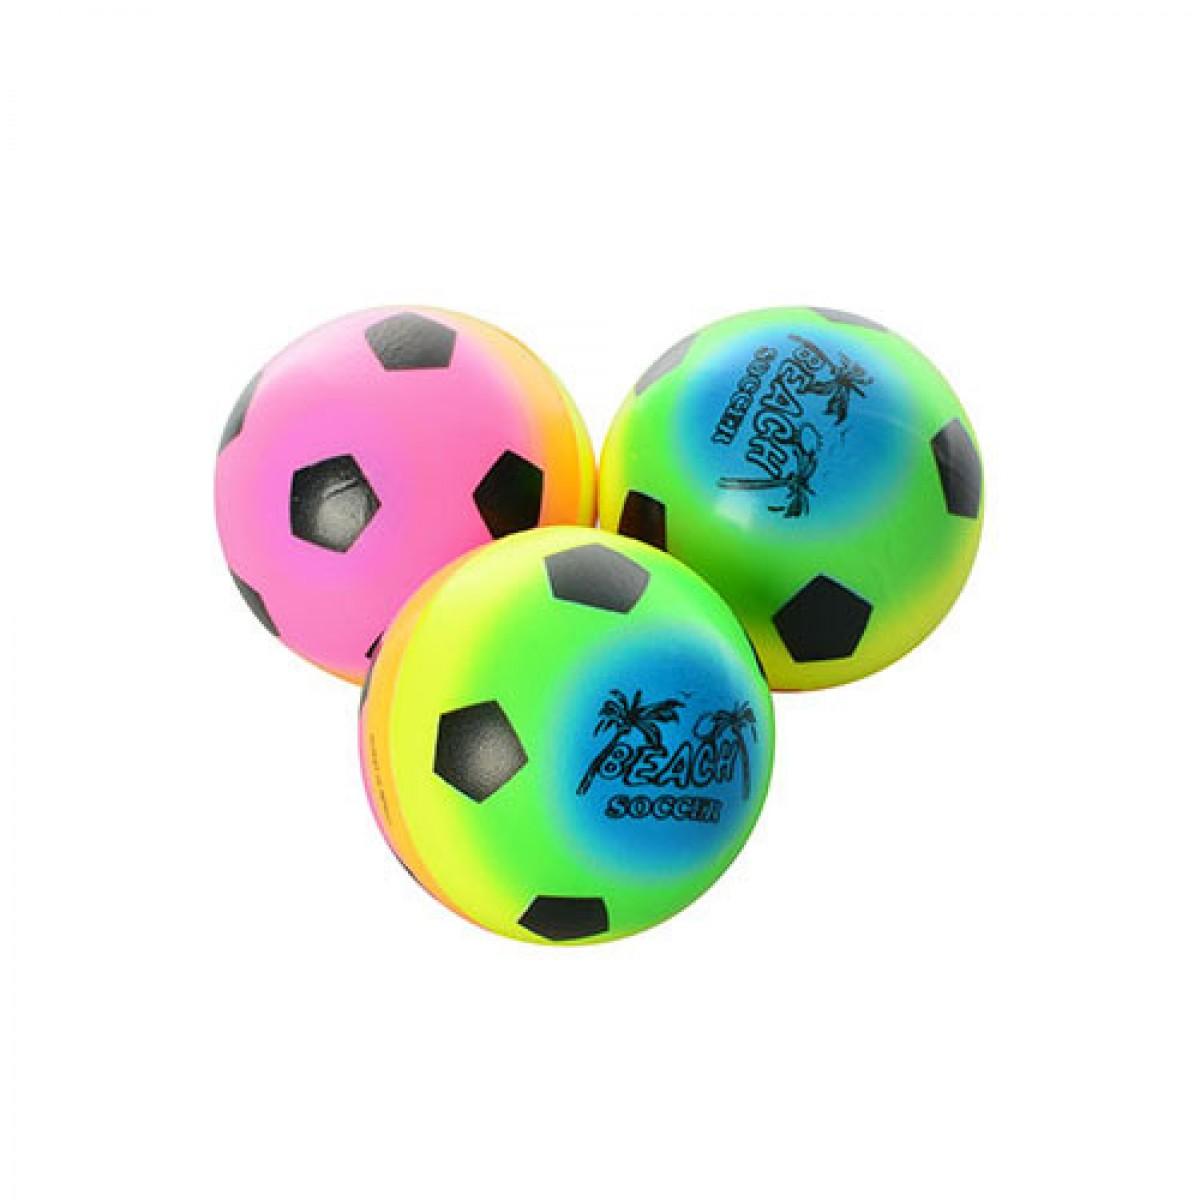 Мячики для детей - купить в интернет-магазине Бабаду по